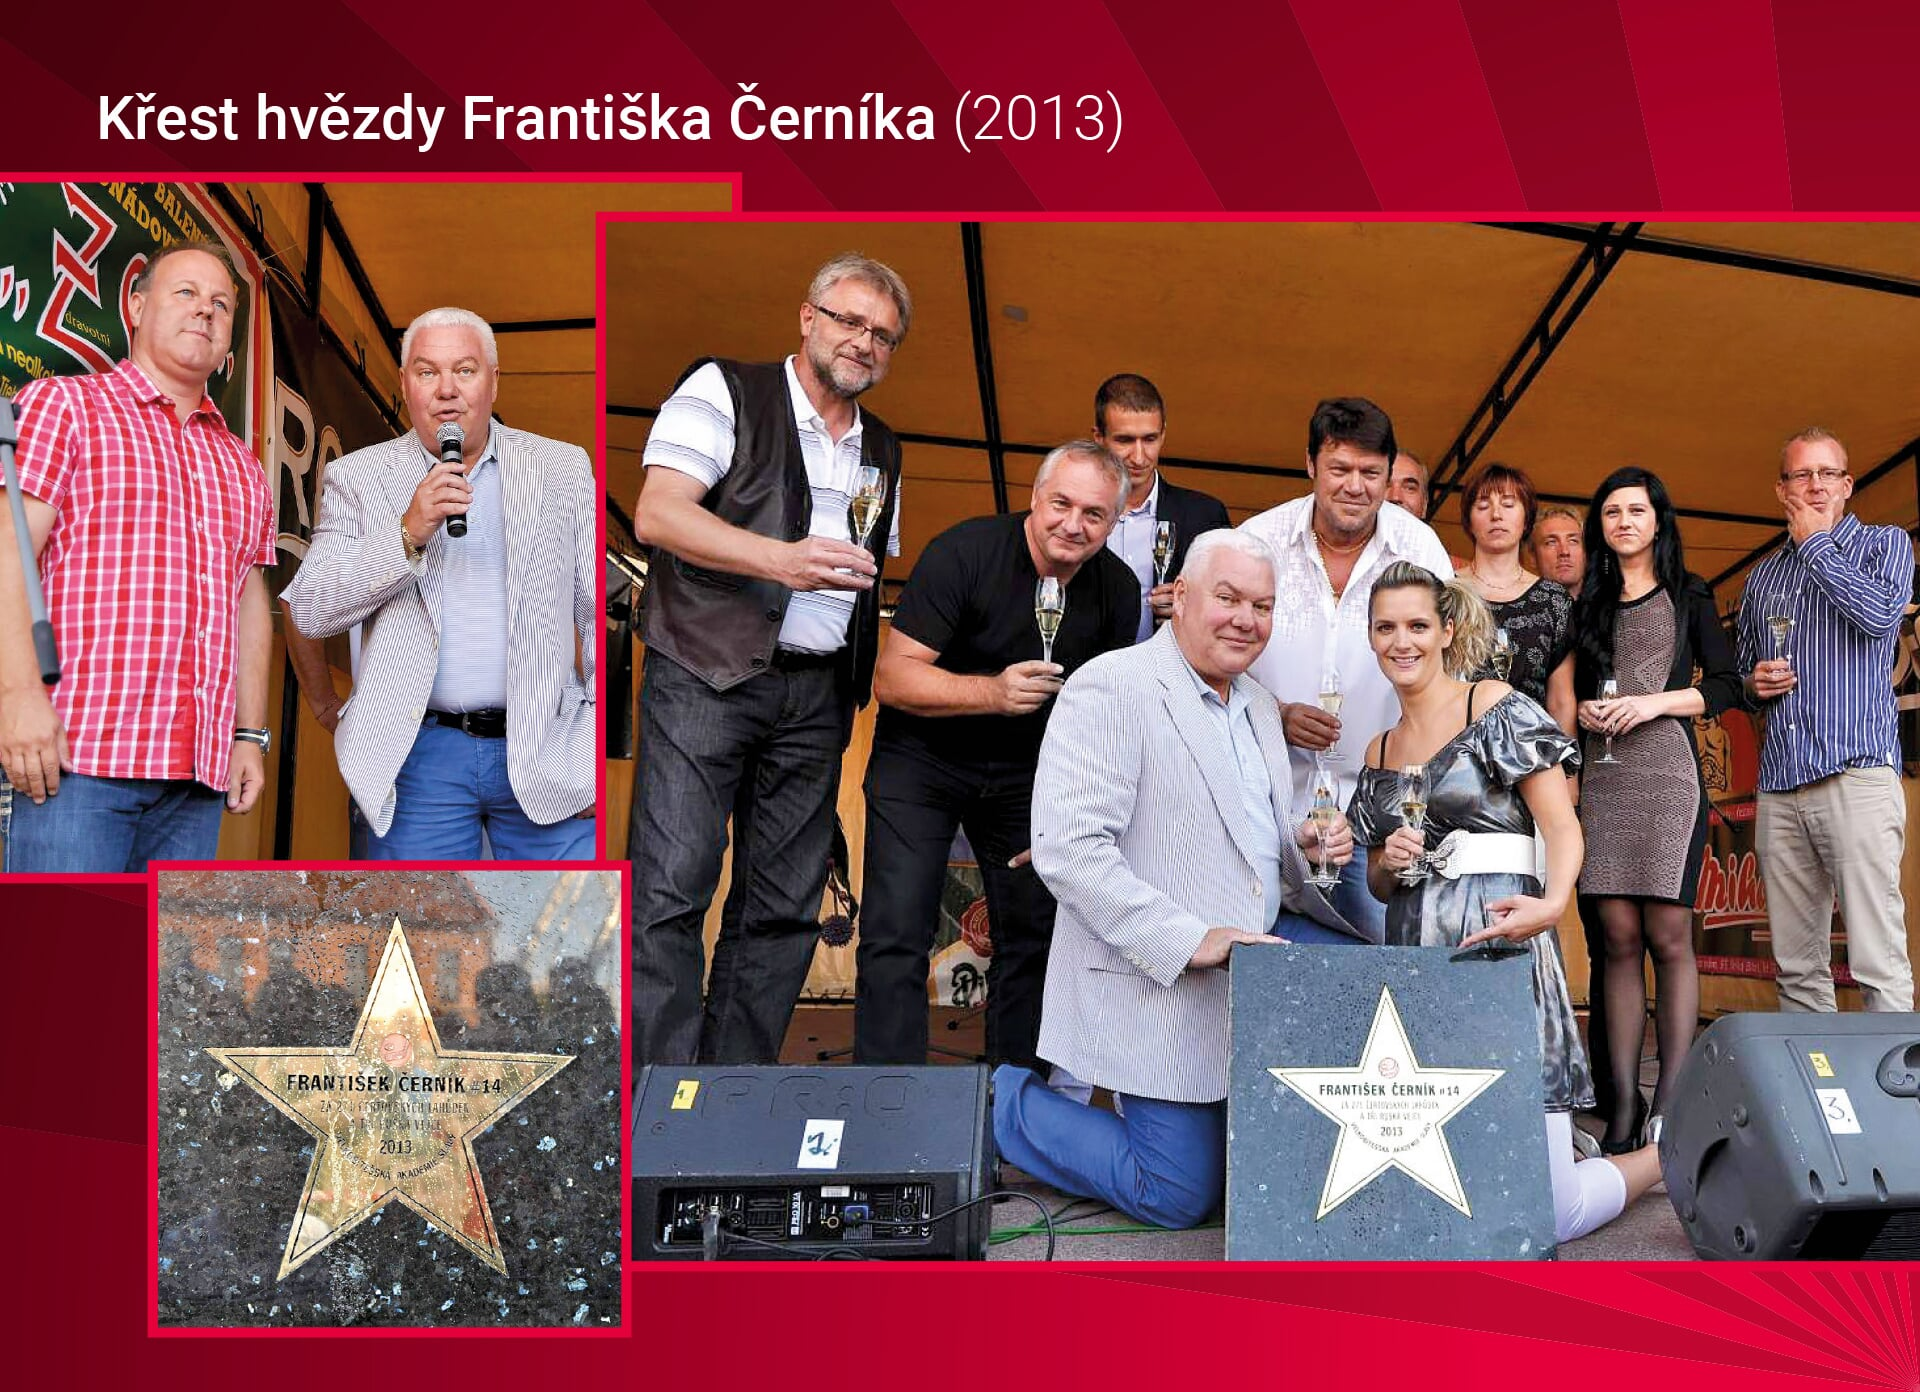 Křest hvězdy Františka Černíka